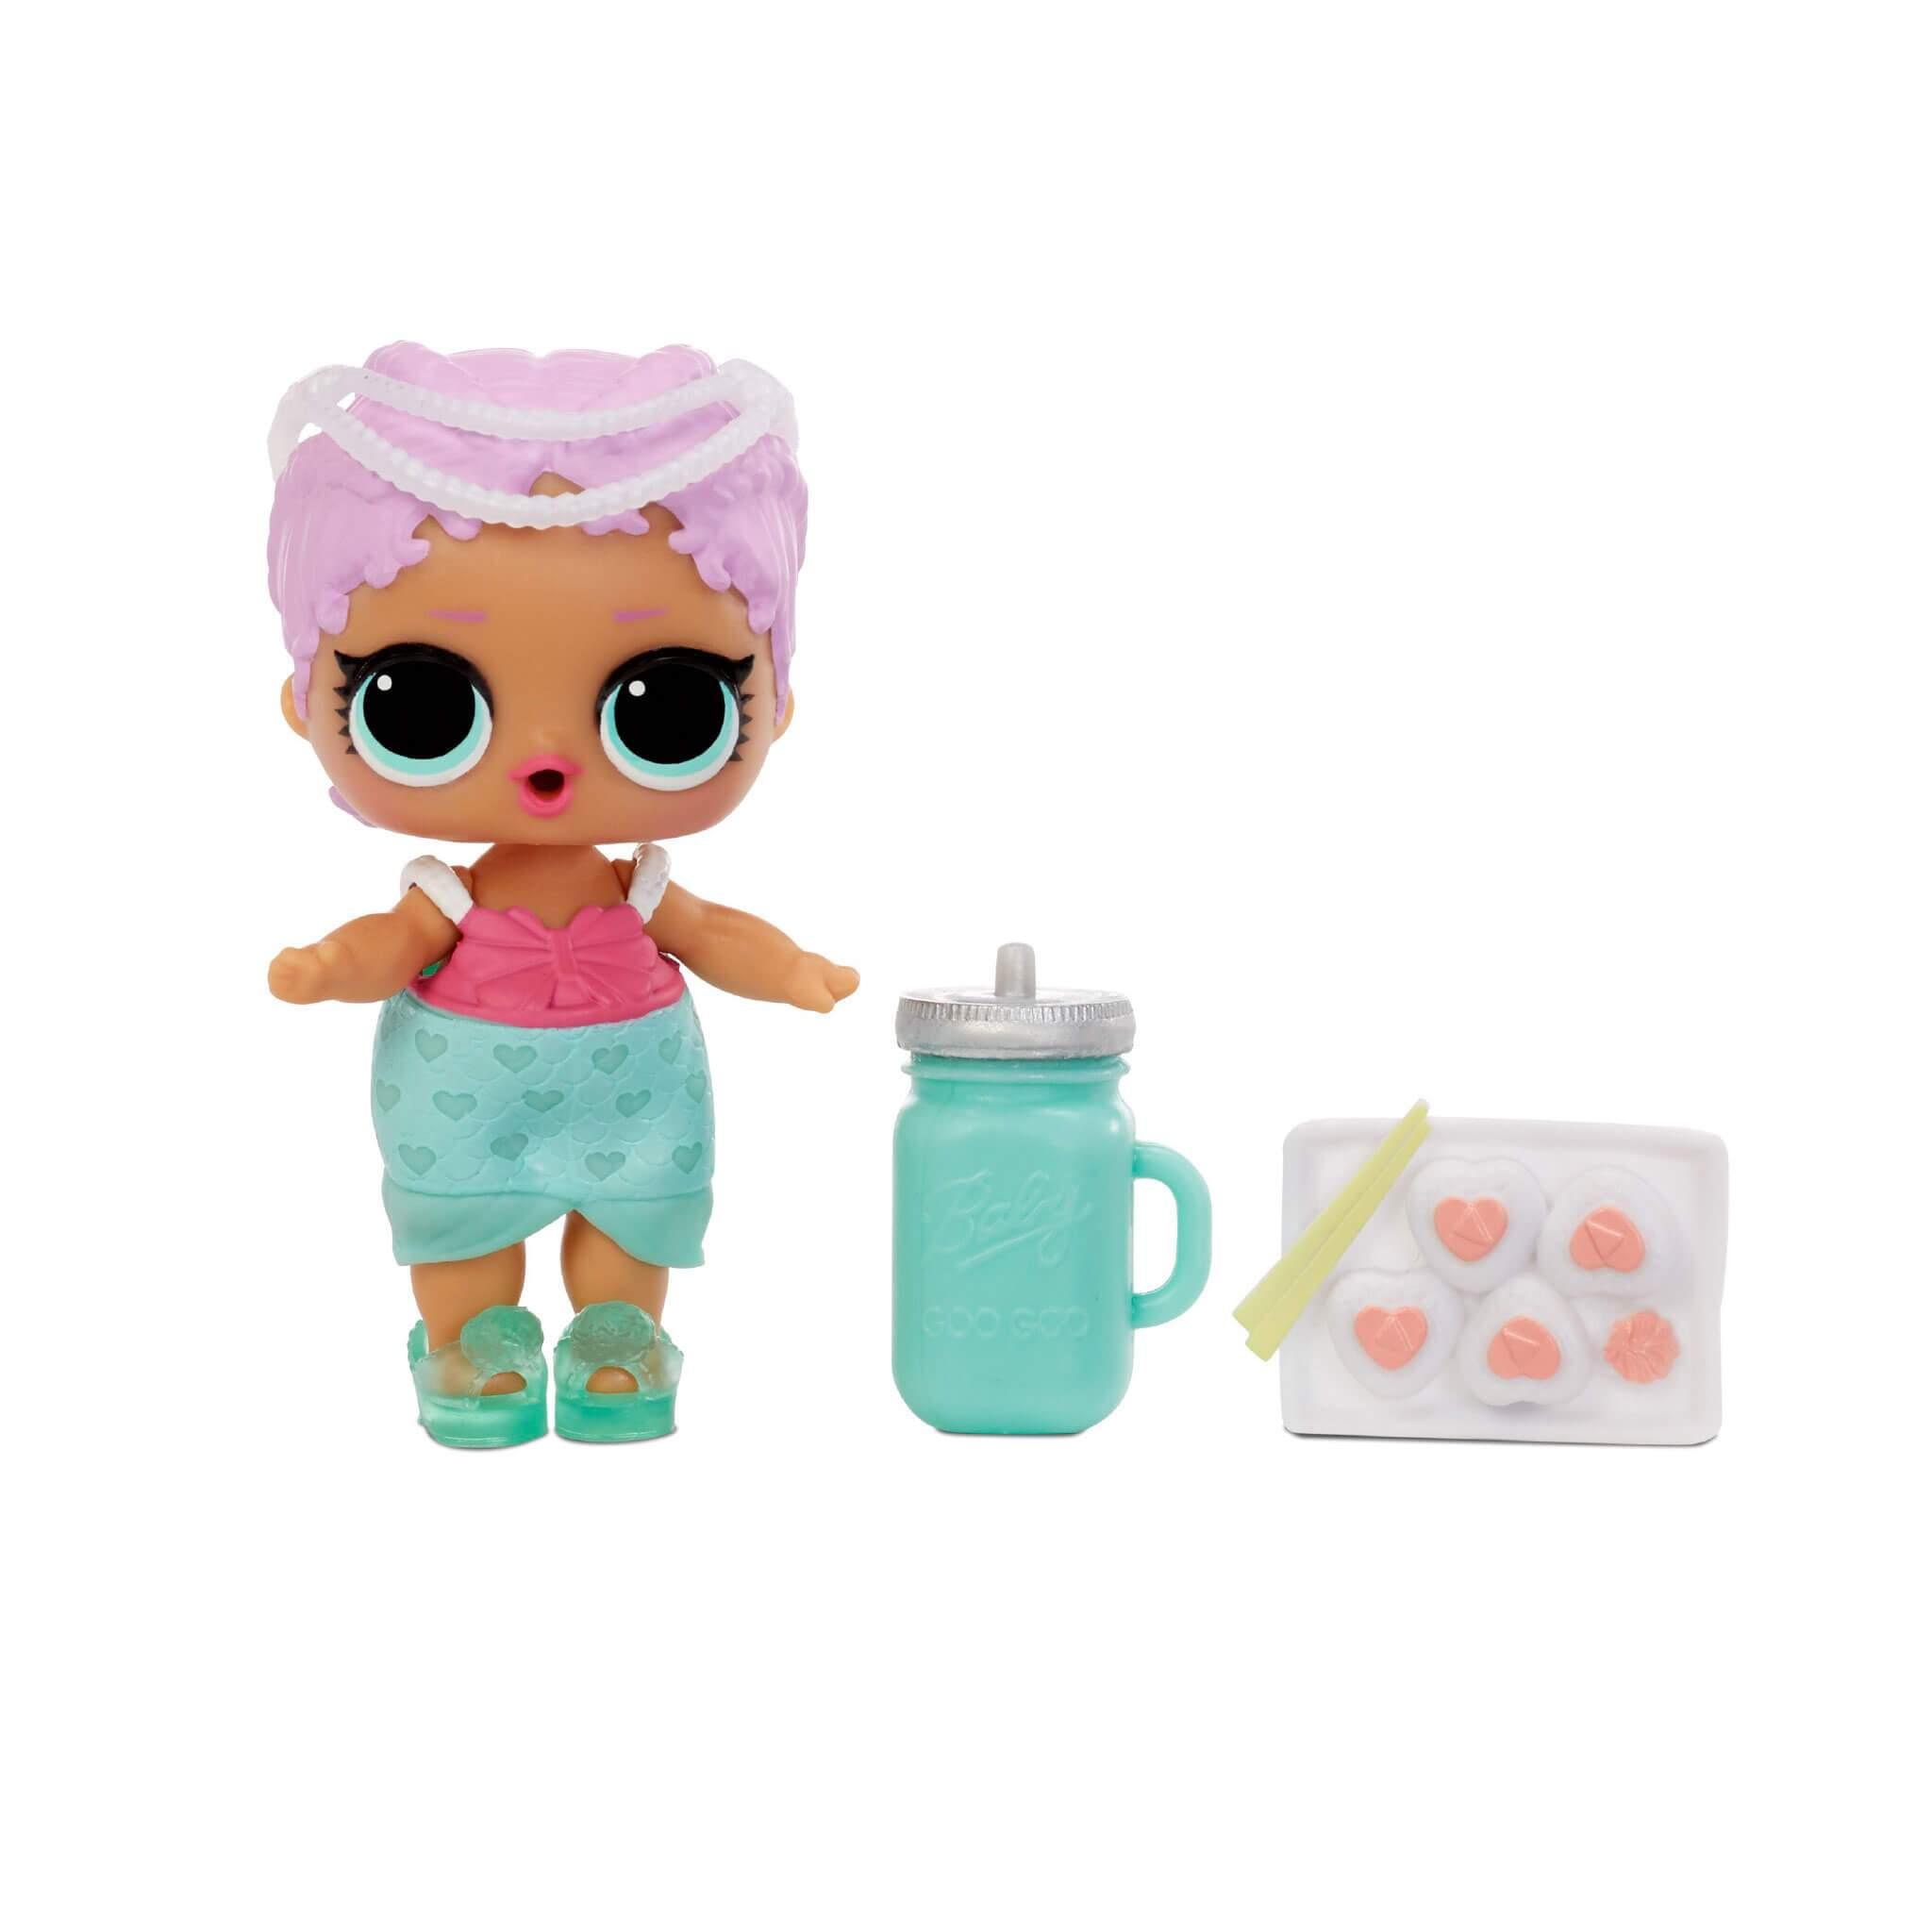 576341-Color-Change-Dolls1_1024x1024@2x